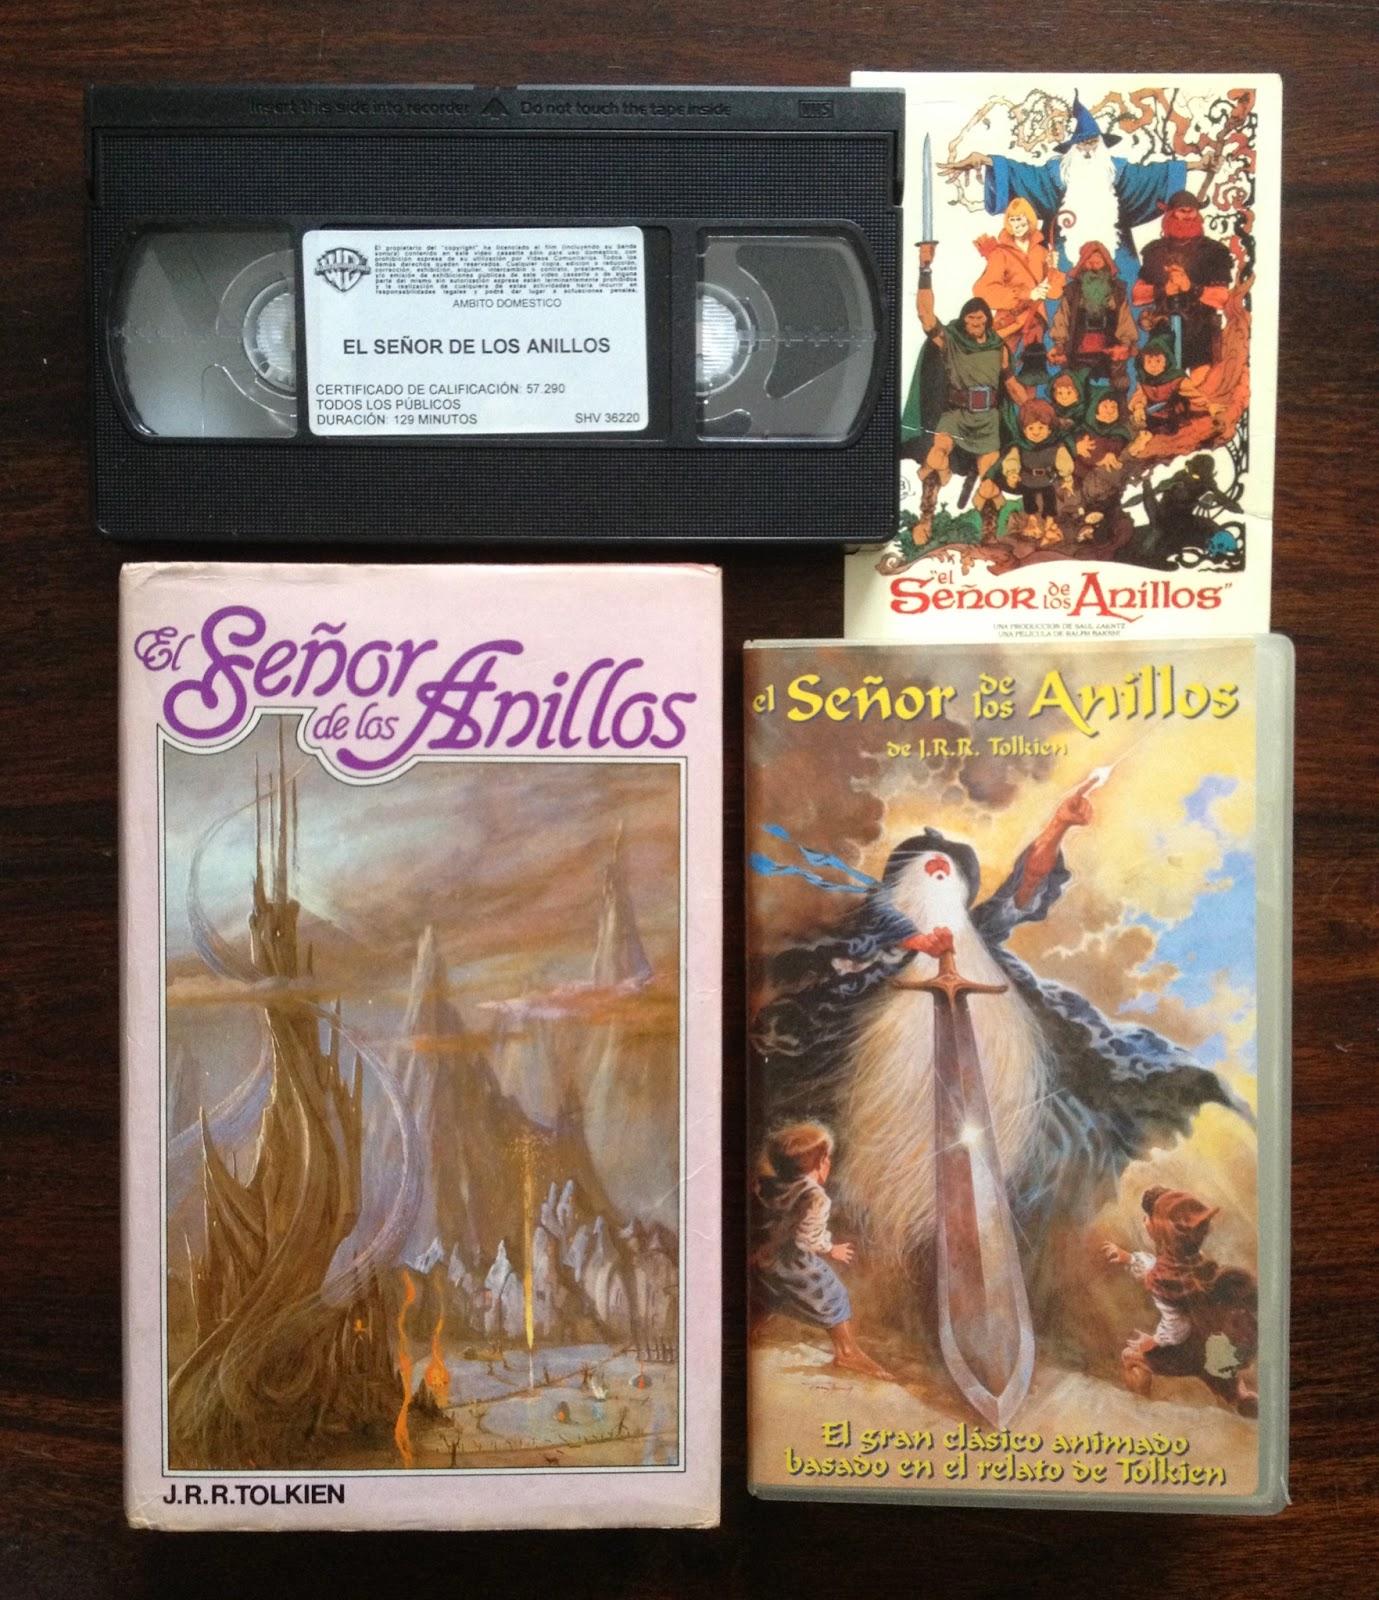 El Señor de los Anillos - JRR Tolkien - Ralph Bakshi - 1978 - el fancine - el troblogdita